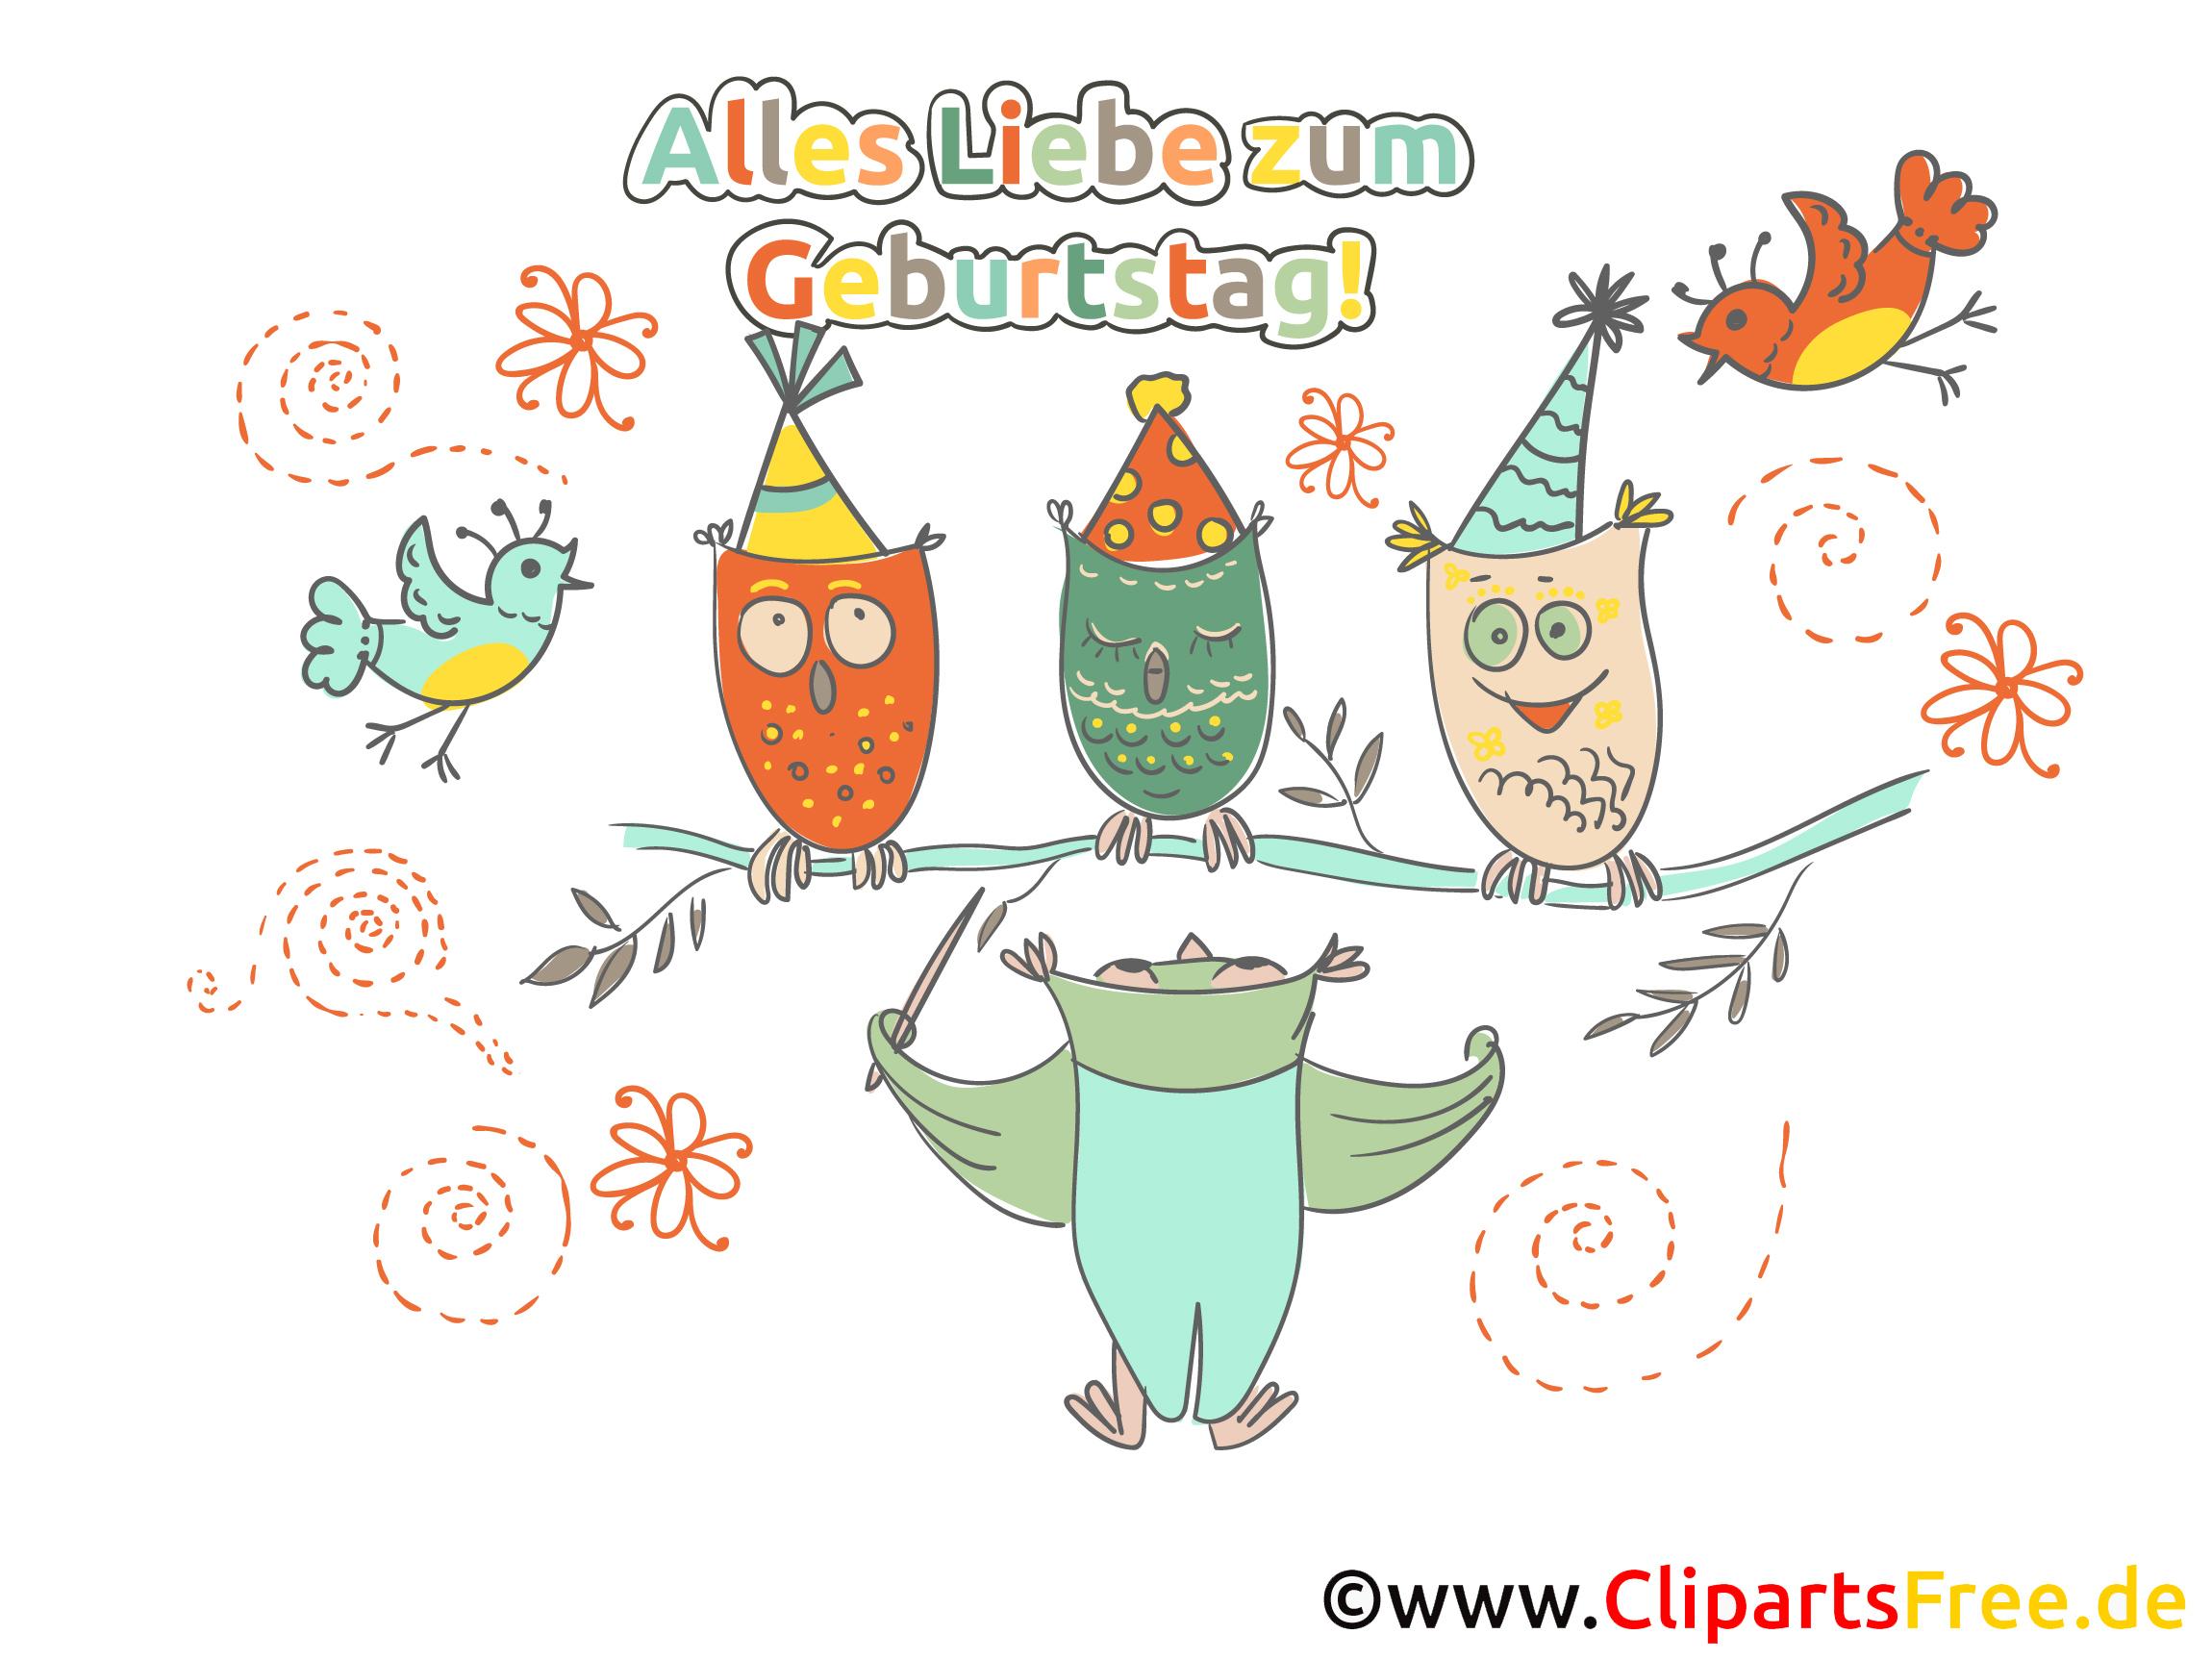 Geburtstagsgrüße herzlich, lustig, kostenlos als Clipart